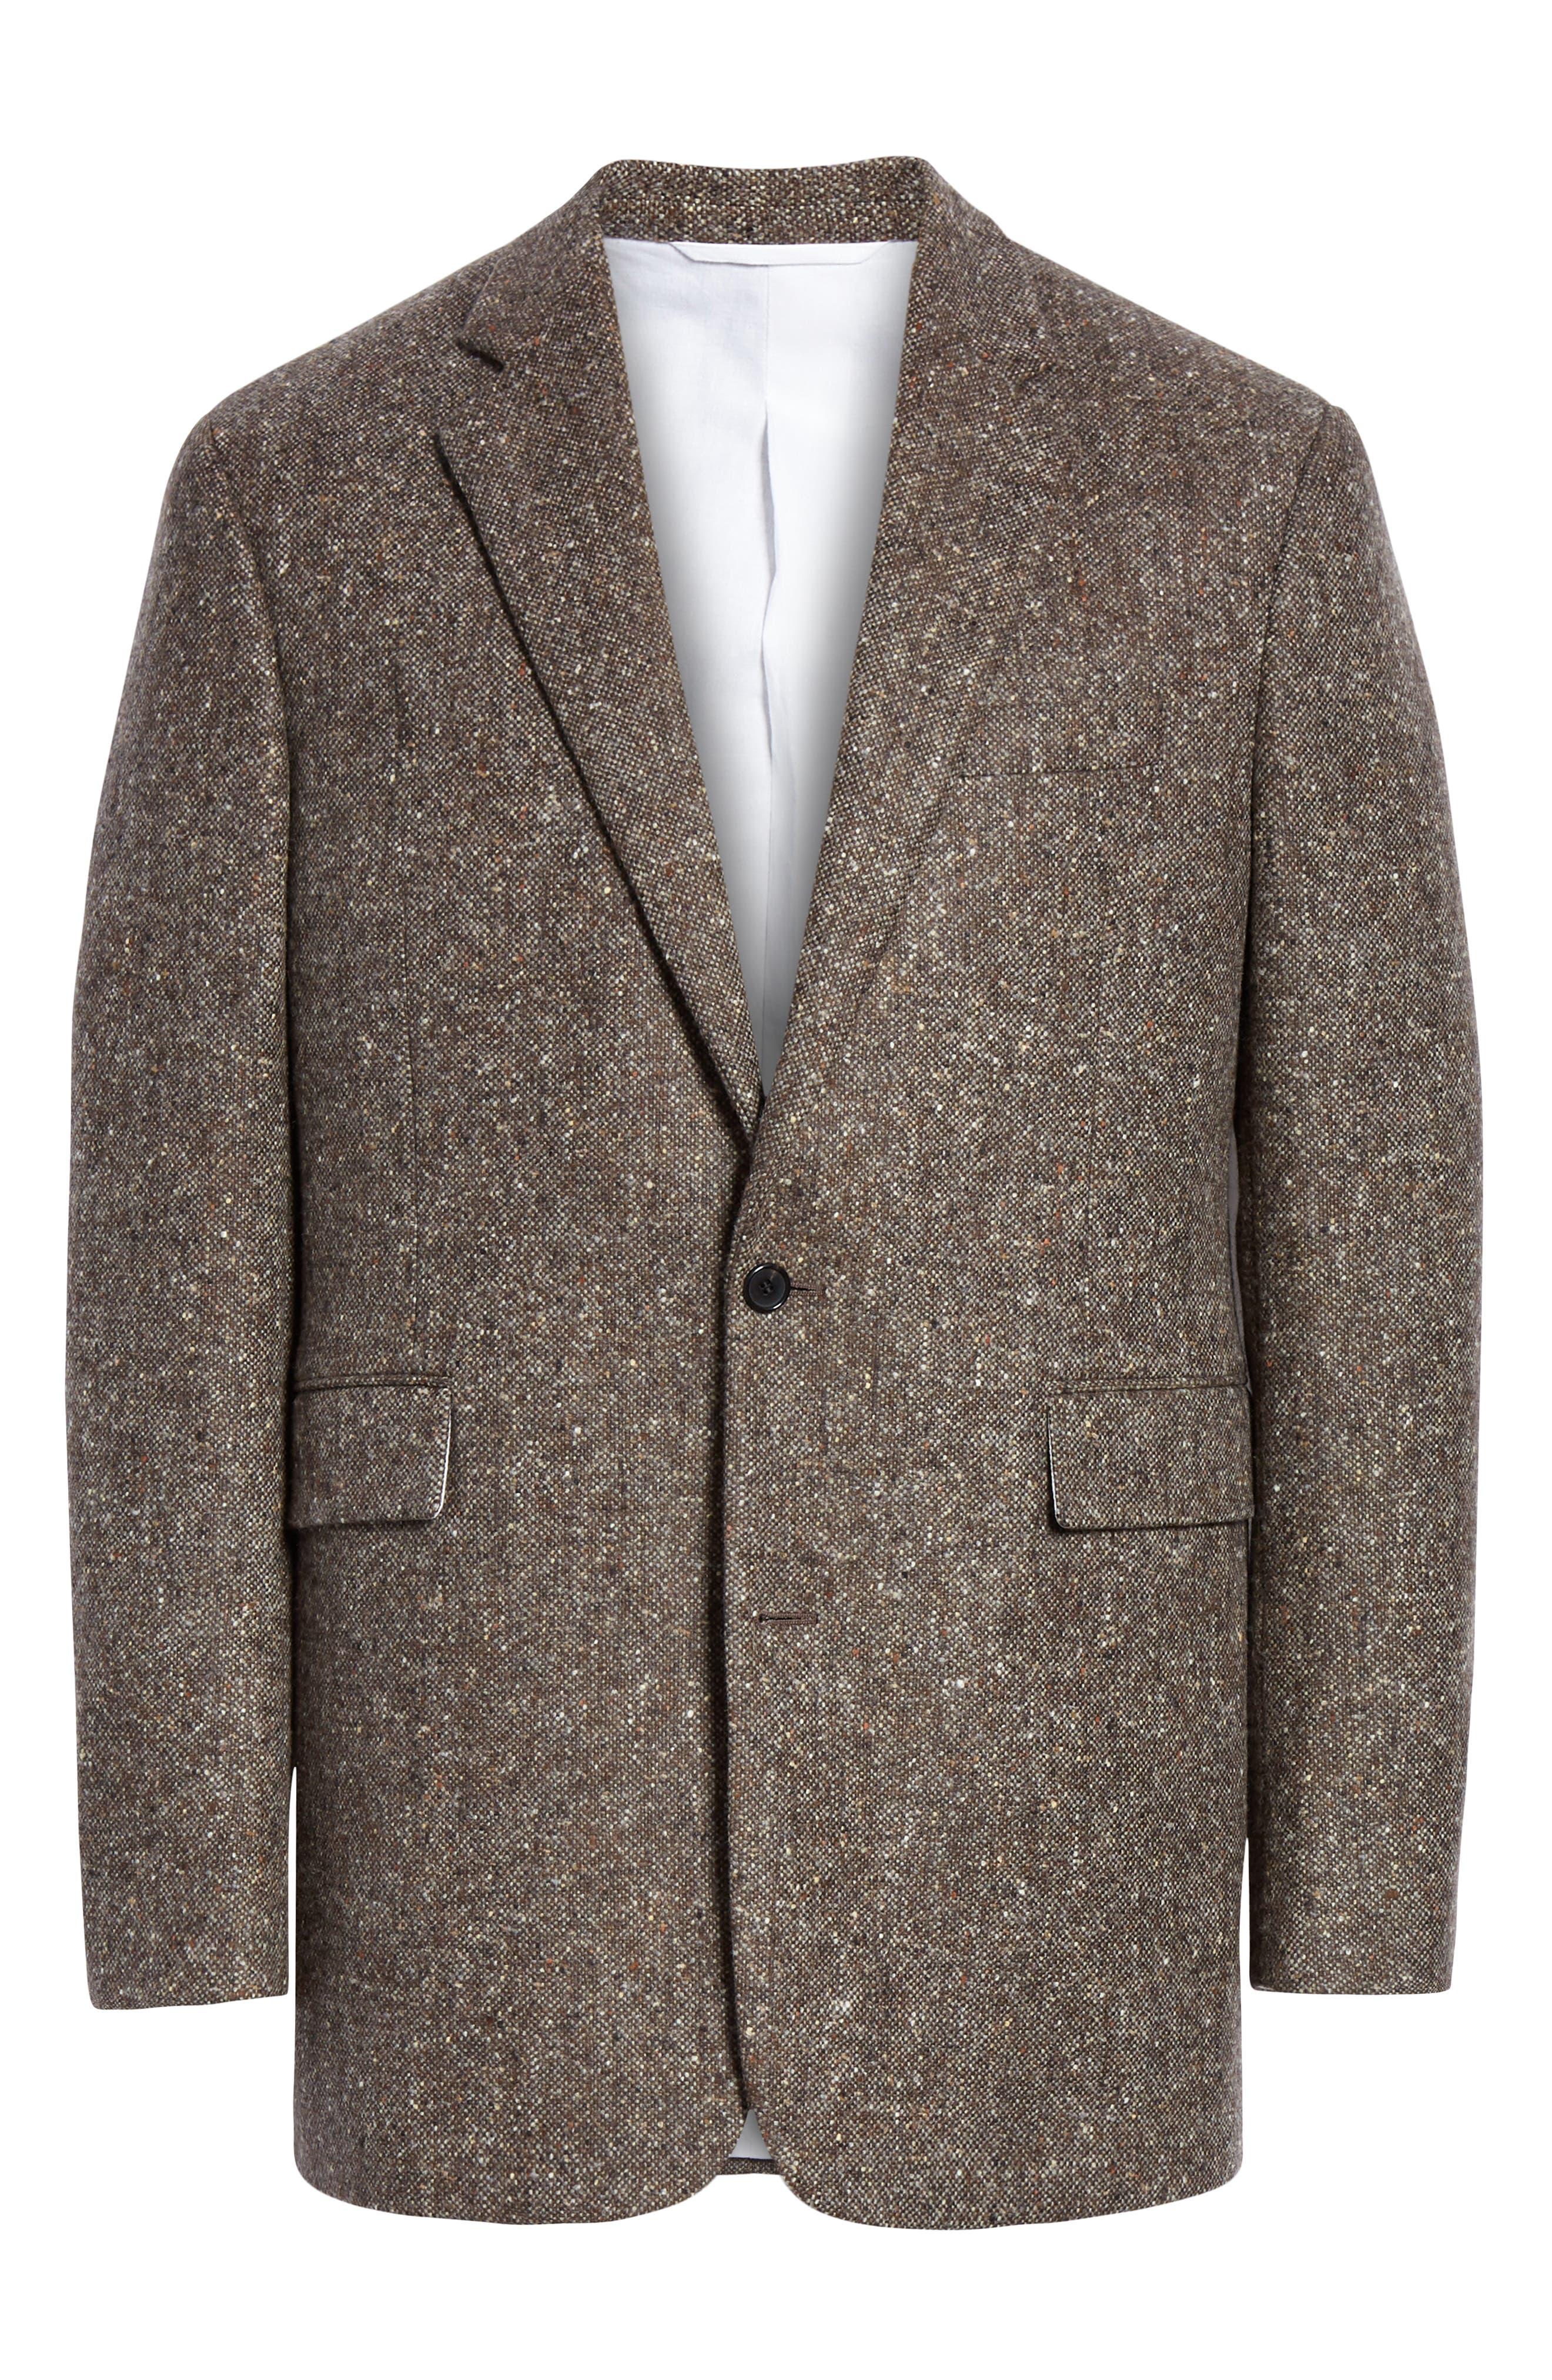 Tweed Wool Jacket,                             Alternate thumbnail 5, color,                             030